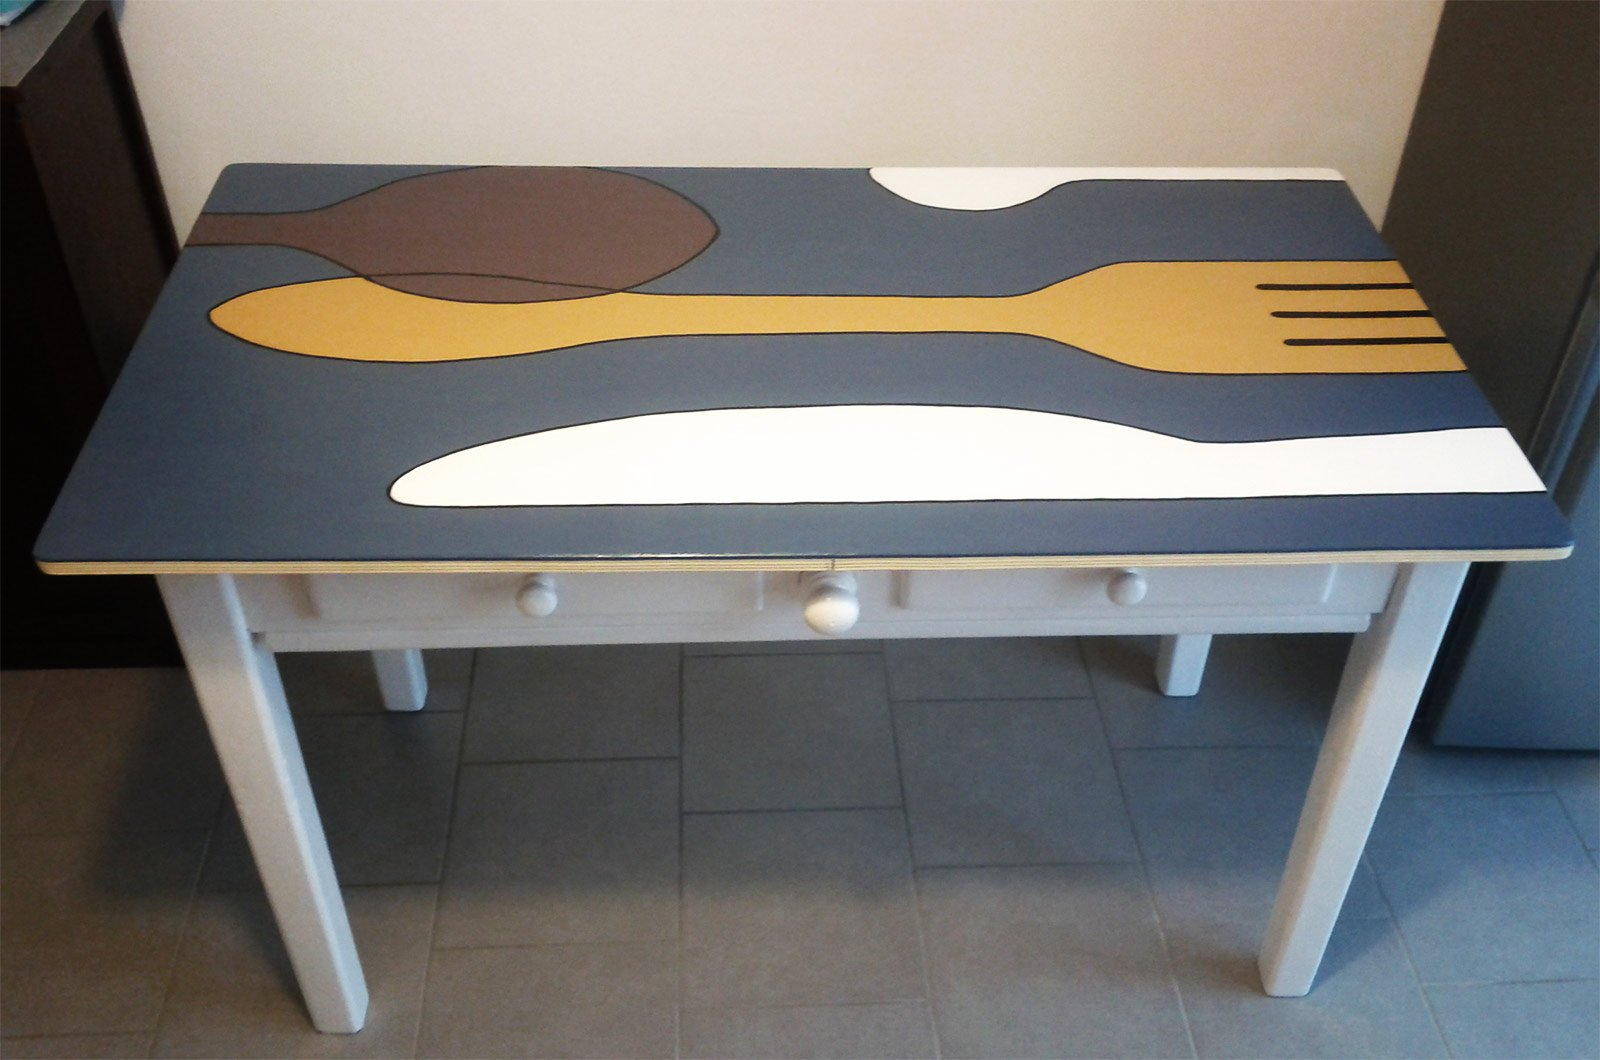 Tavolo Allungabile Fai Da Te. Nuovo Tavolo Da Cucina Modello Noce ...